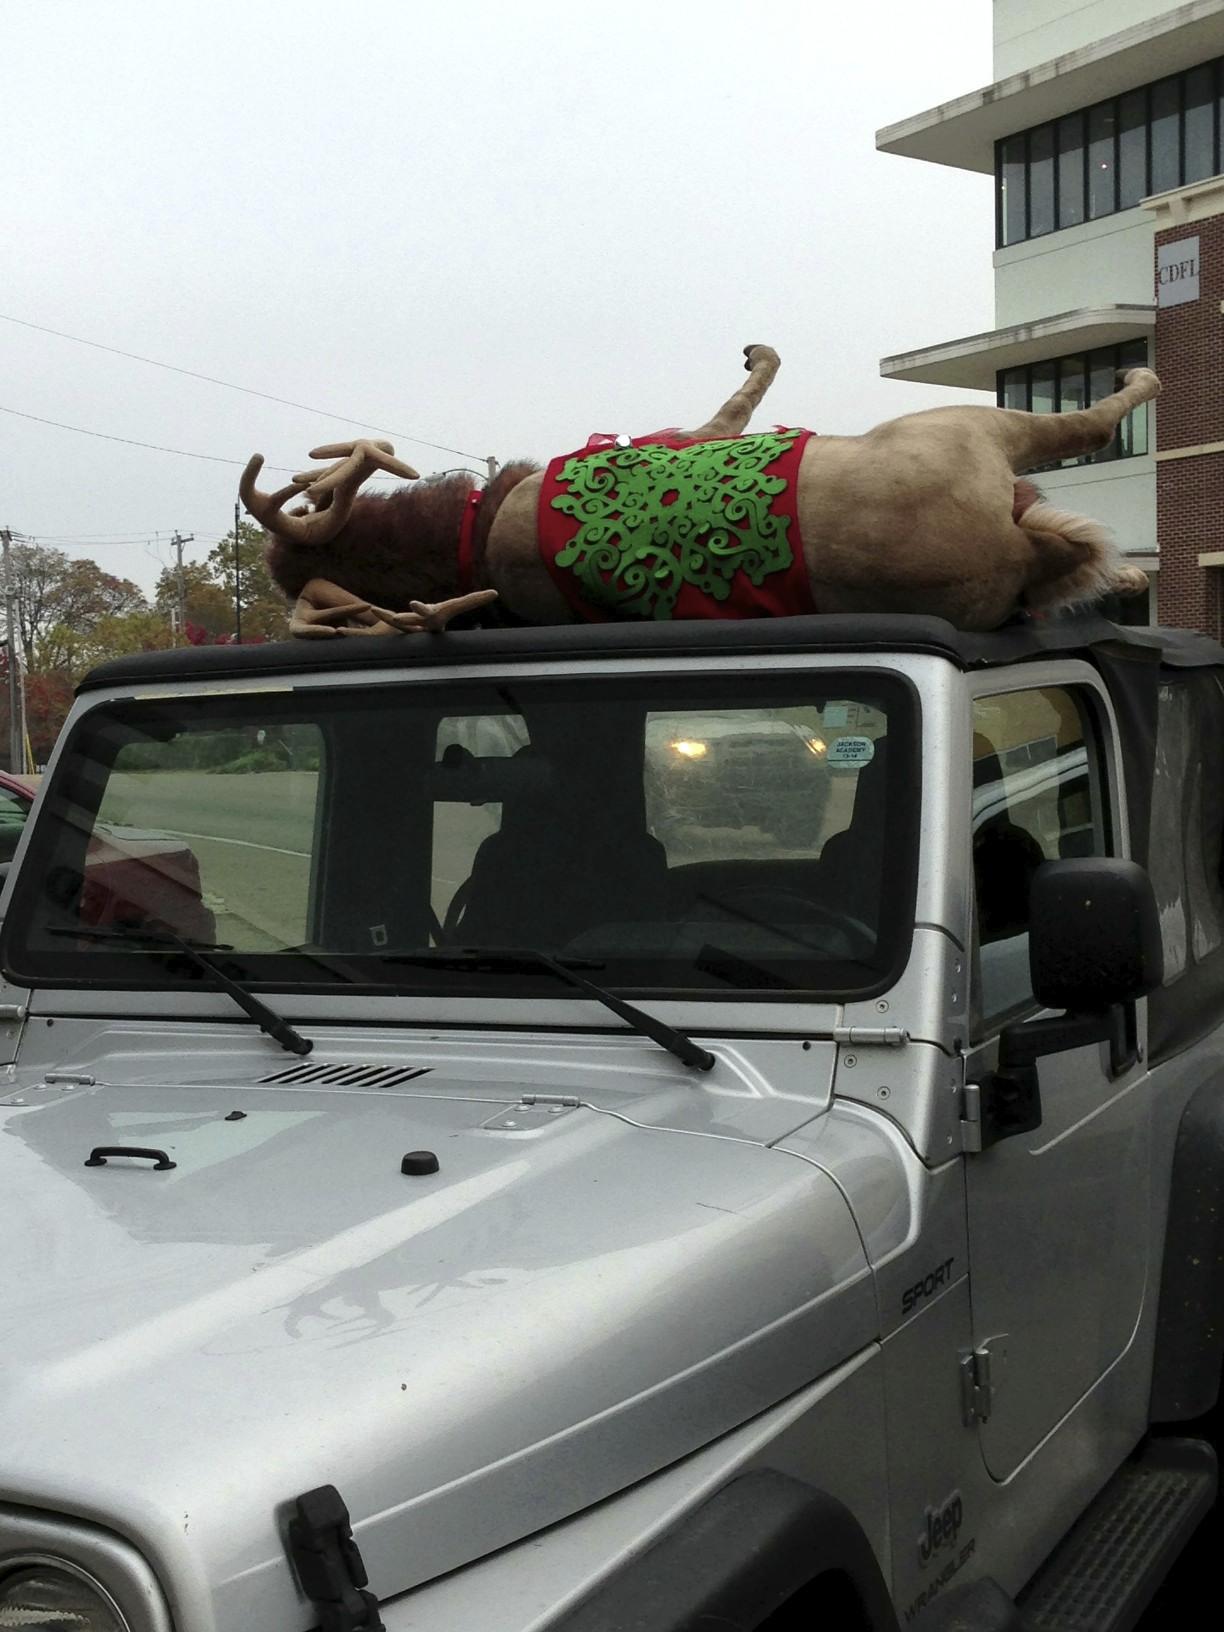 Fonzy the Fondren Reindeer